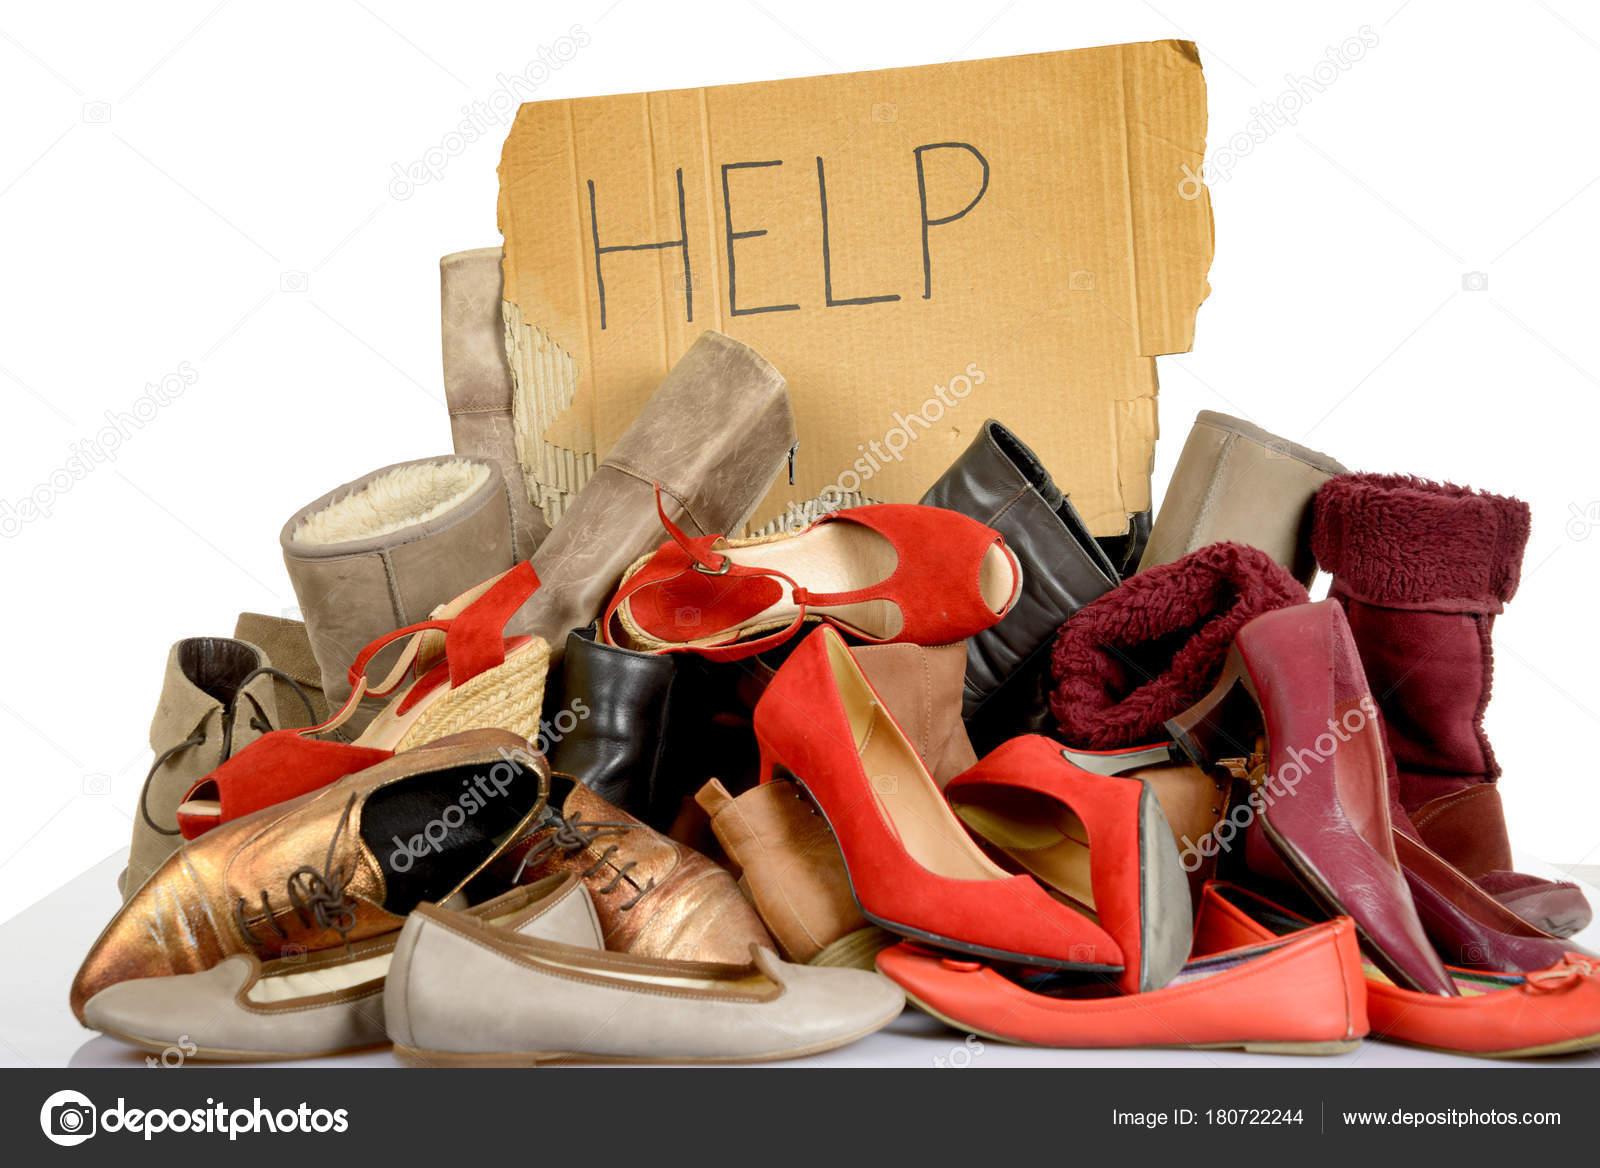 5d12ae8a Ayudar a muestra de zapatos de mujer de segunda mano y botas– imagen de  stock